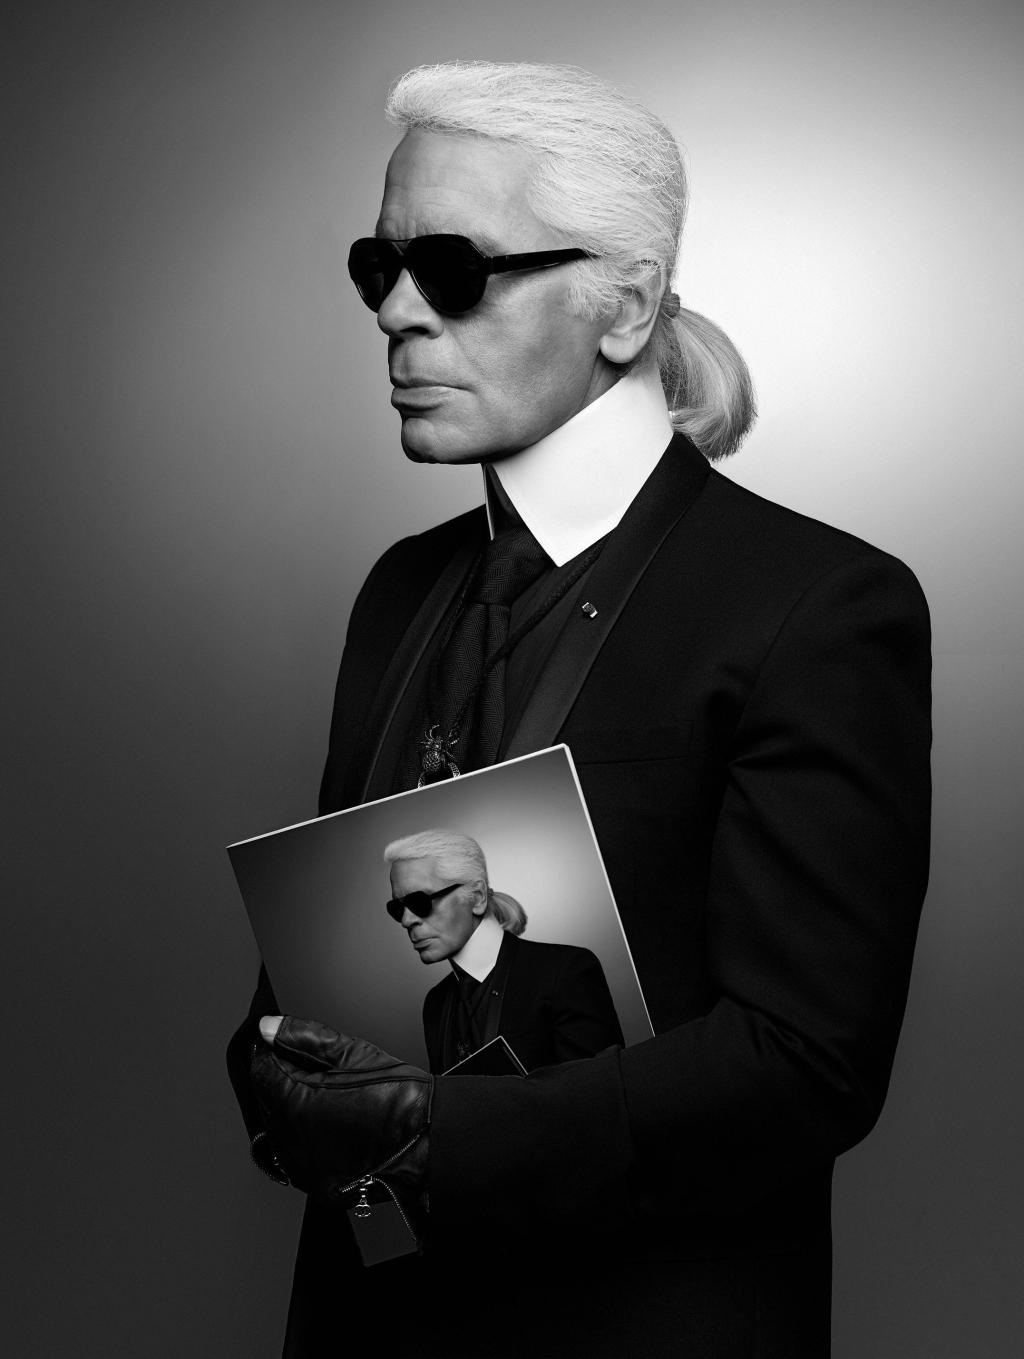 Mit tanított Karl Lagerfeld az ikonikus stílusról?